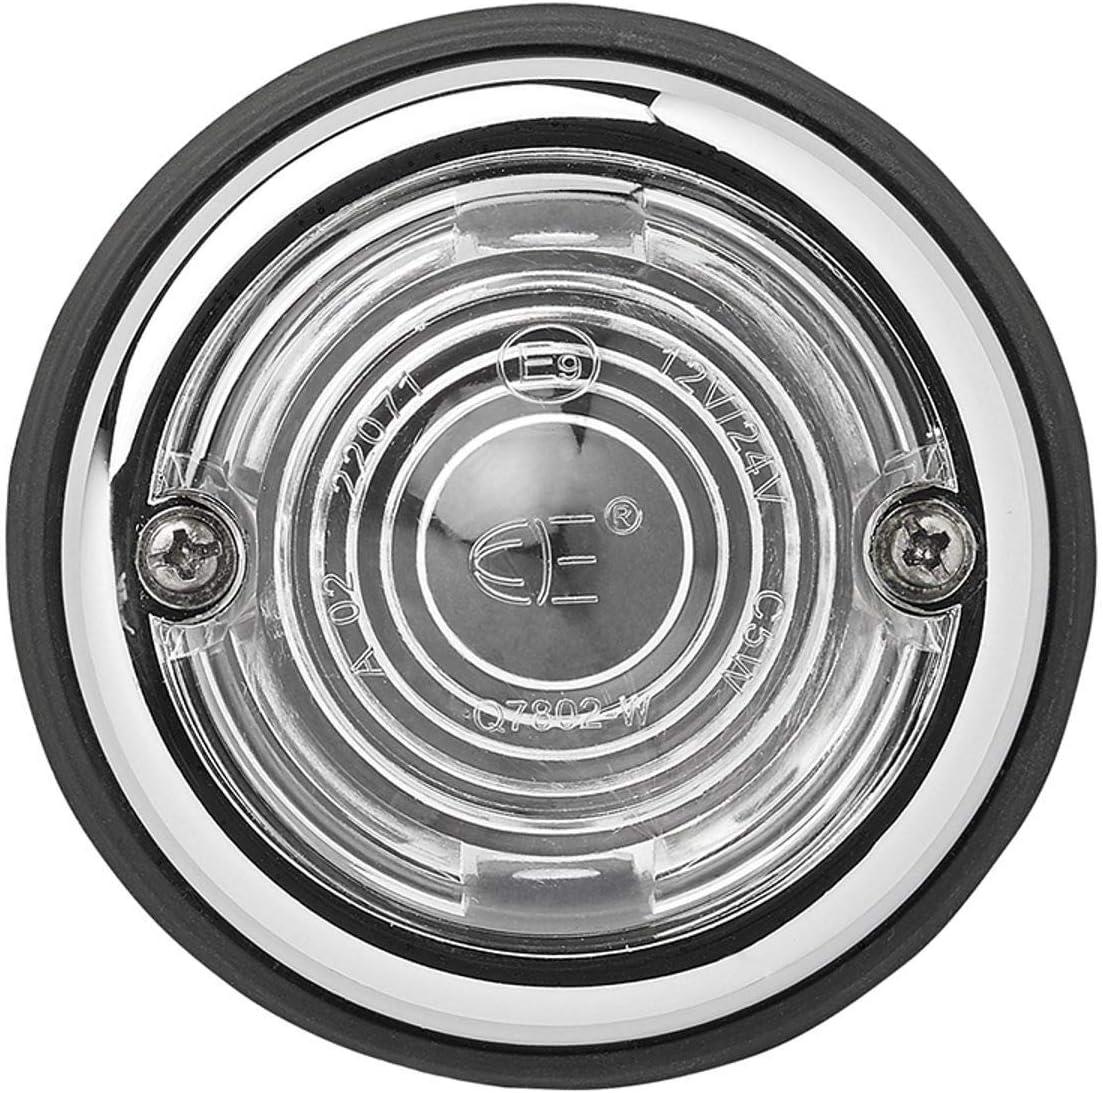 2 Luces de posici/ón Blancas Luces de g/álibo para Camiones y Camiones 70 mm